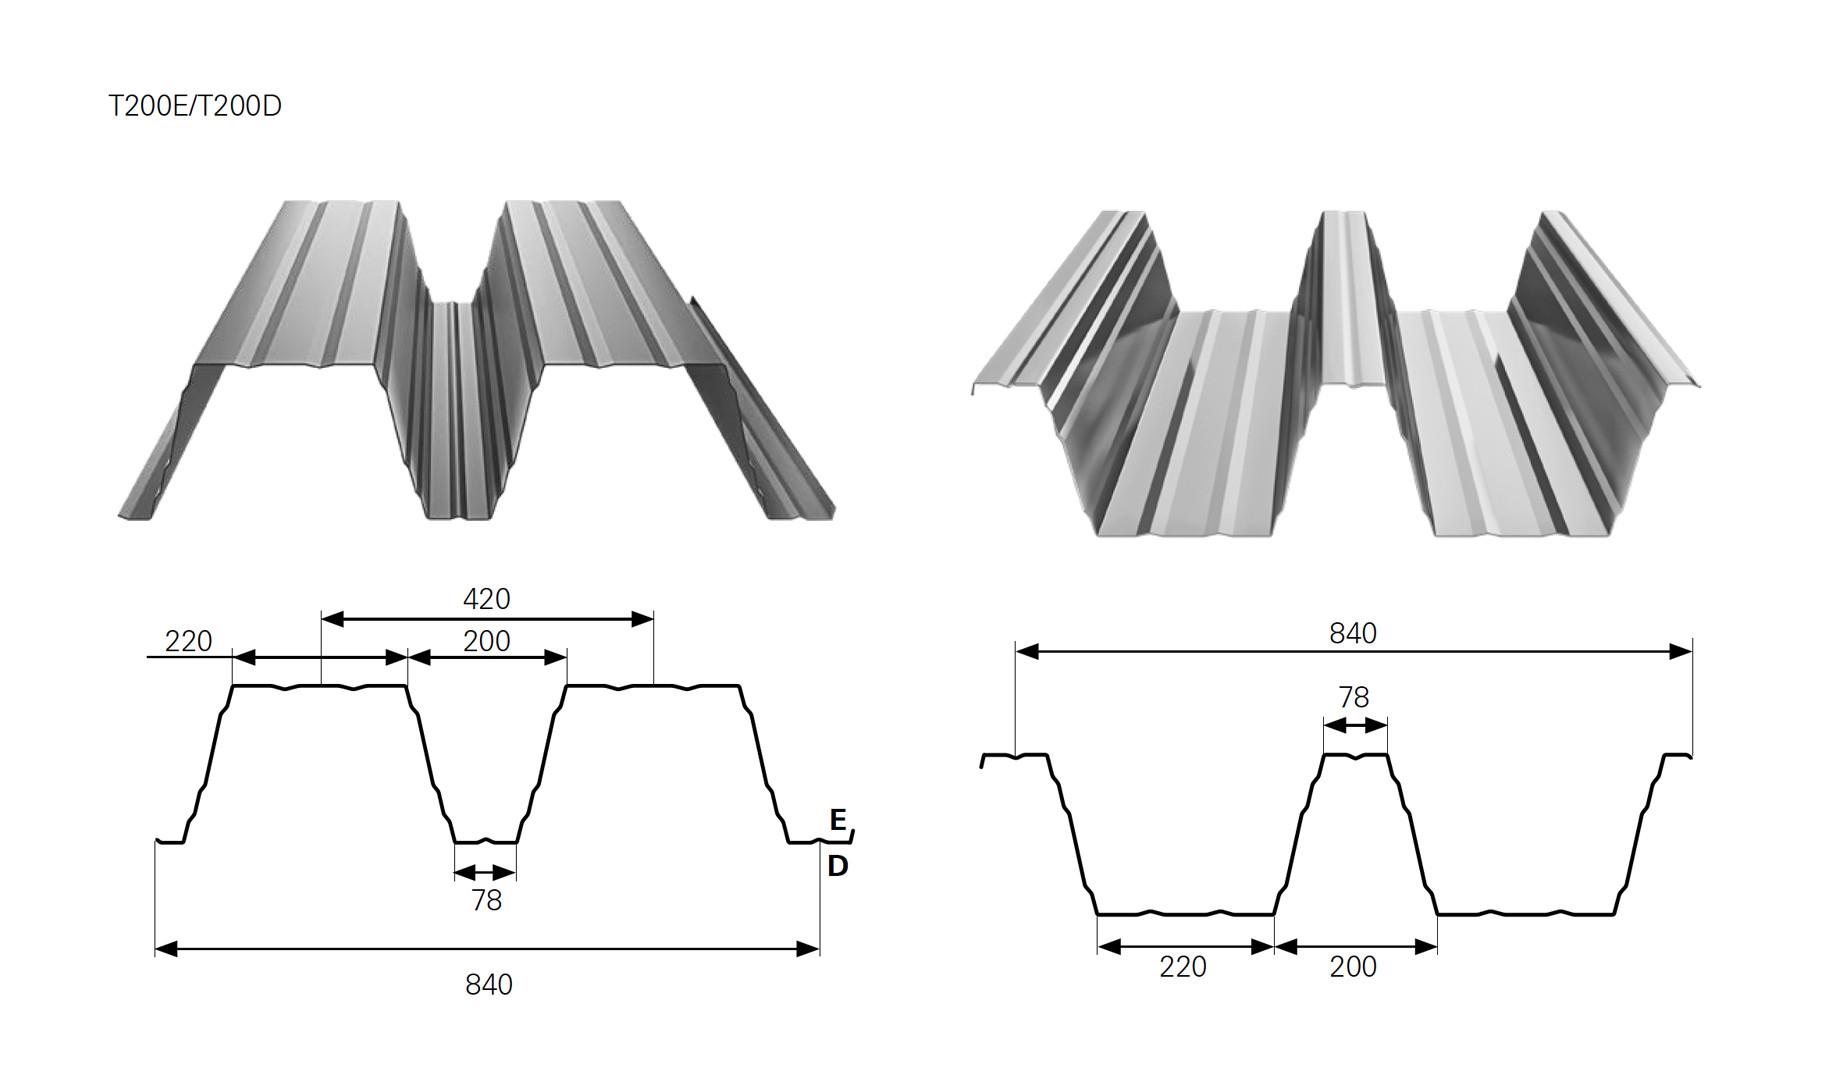 blacha trapezowa t200 specyfikacja